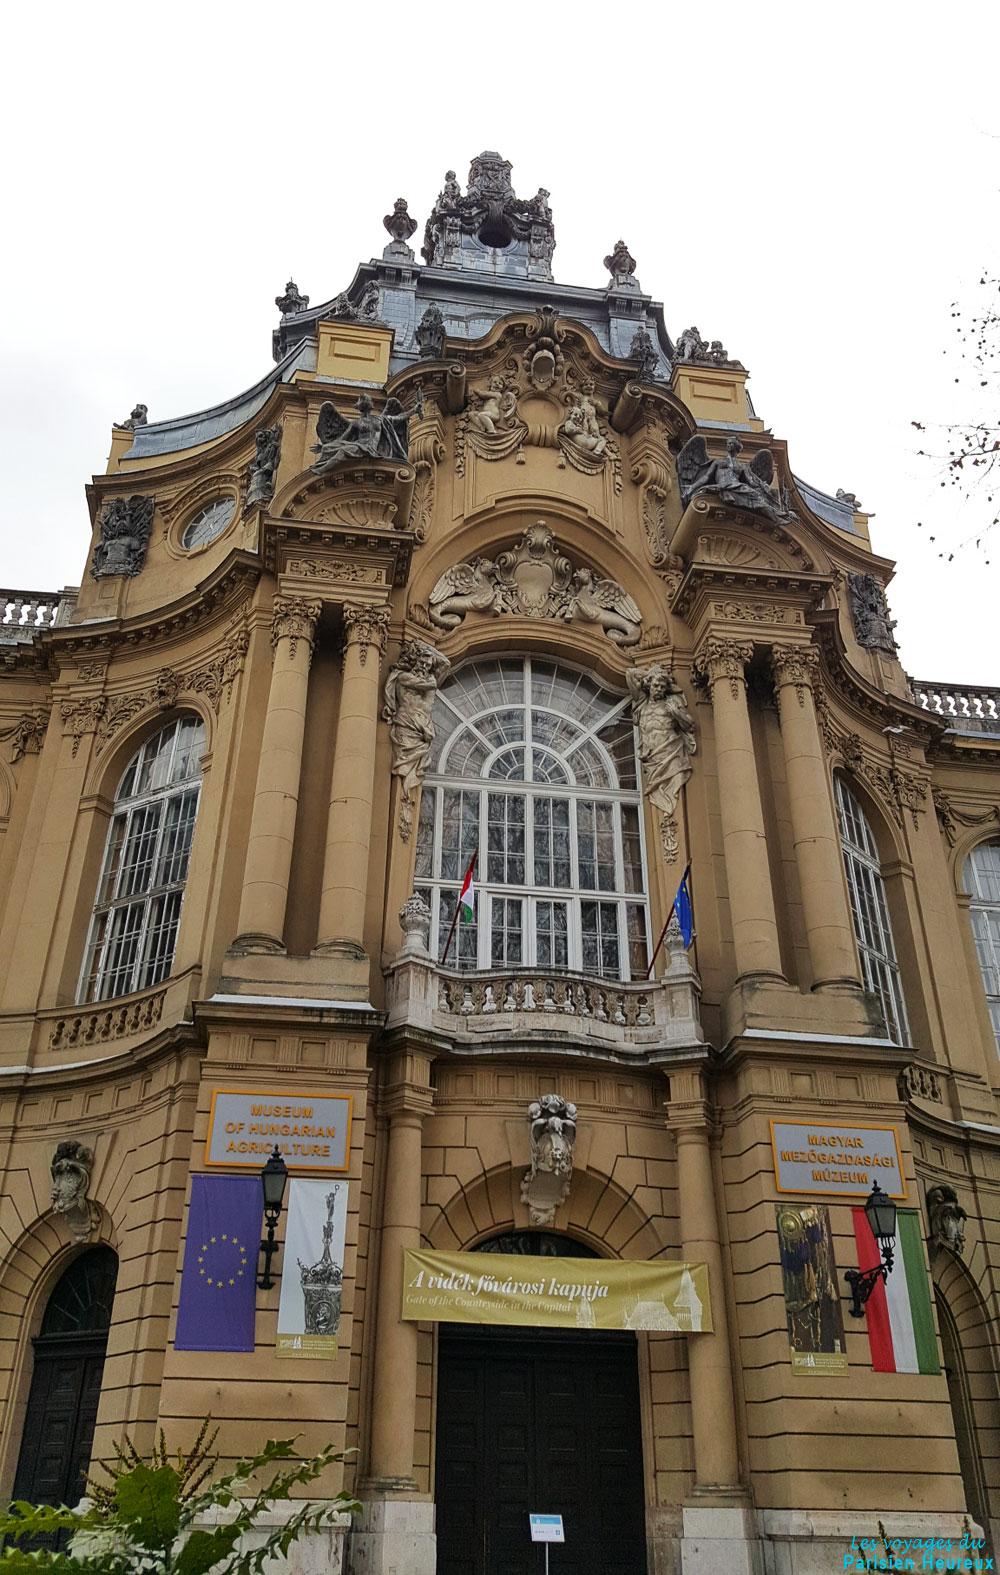 Entré du musée hongrois de l'agriculture à Budapest